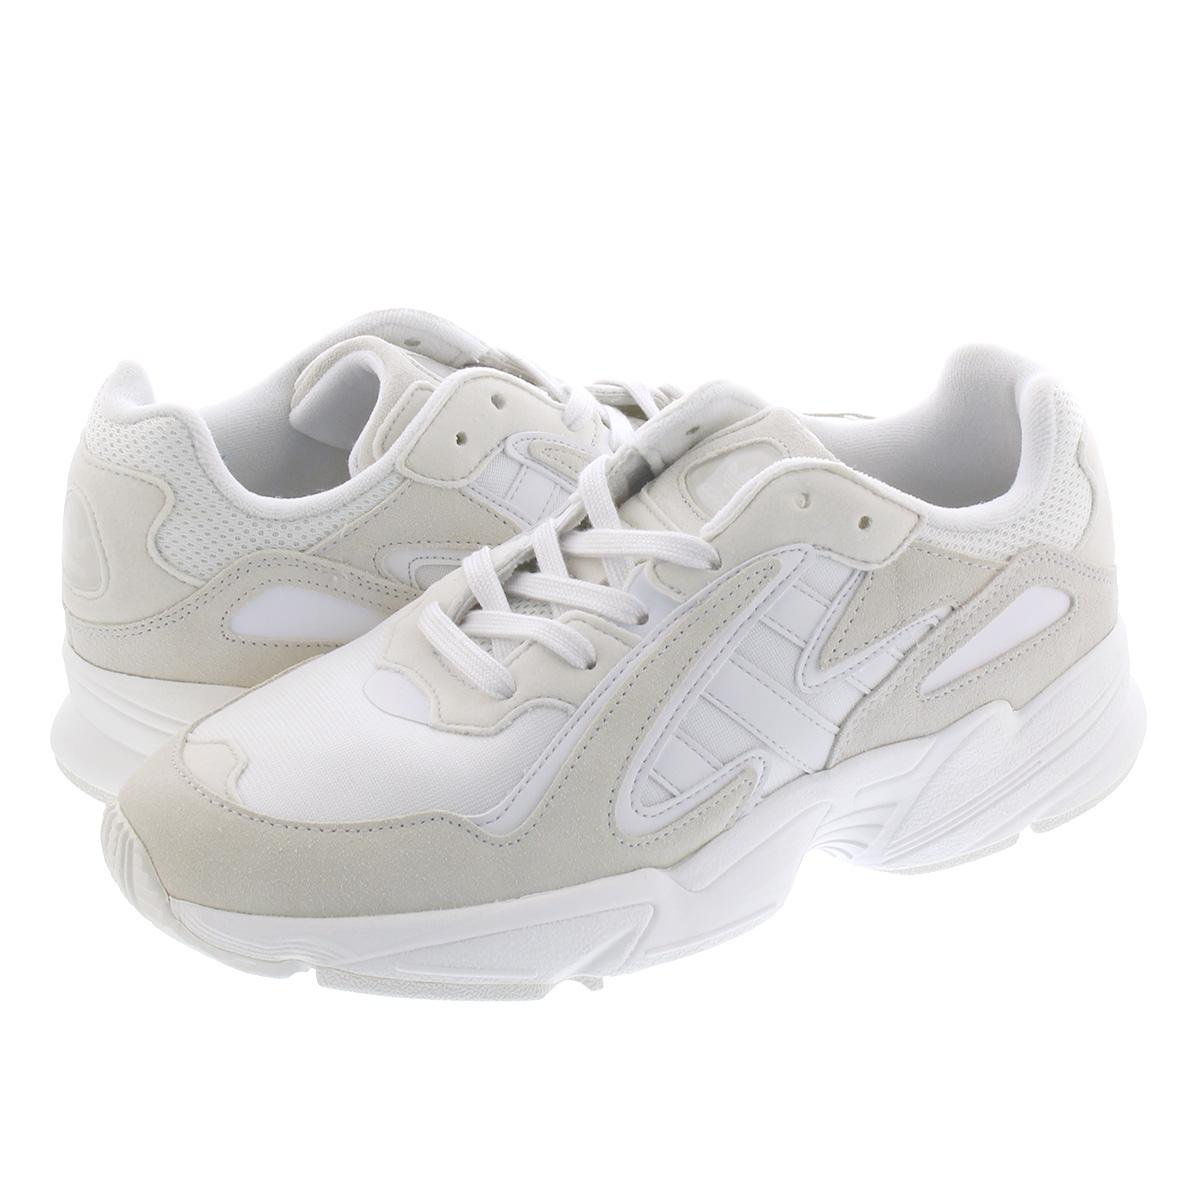 【毎日がお得!値下げプライス】 adidas YUNG-96 CHASM アディダス ヤング 96 キャズム CRYSTAL WHITE/CRYSTAL WHITE/RUNNING WHITE ee7238